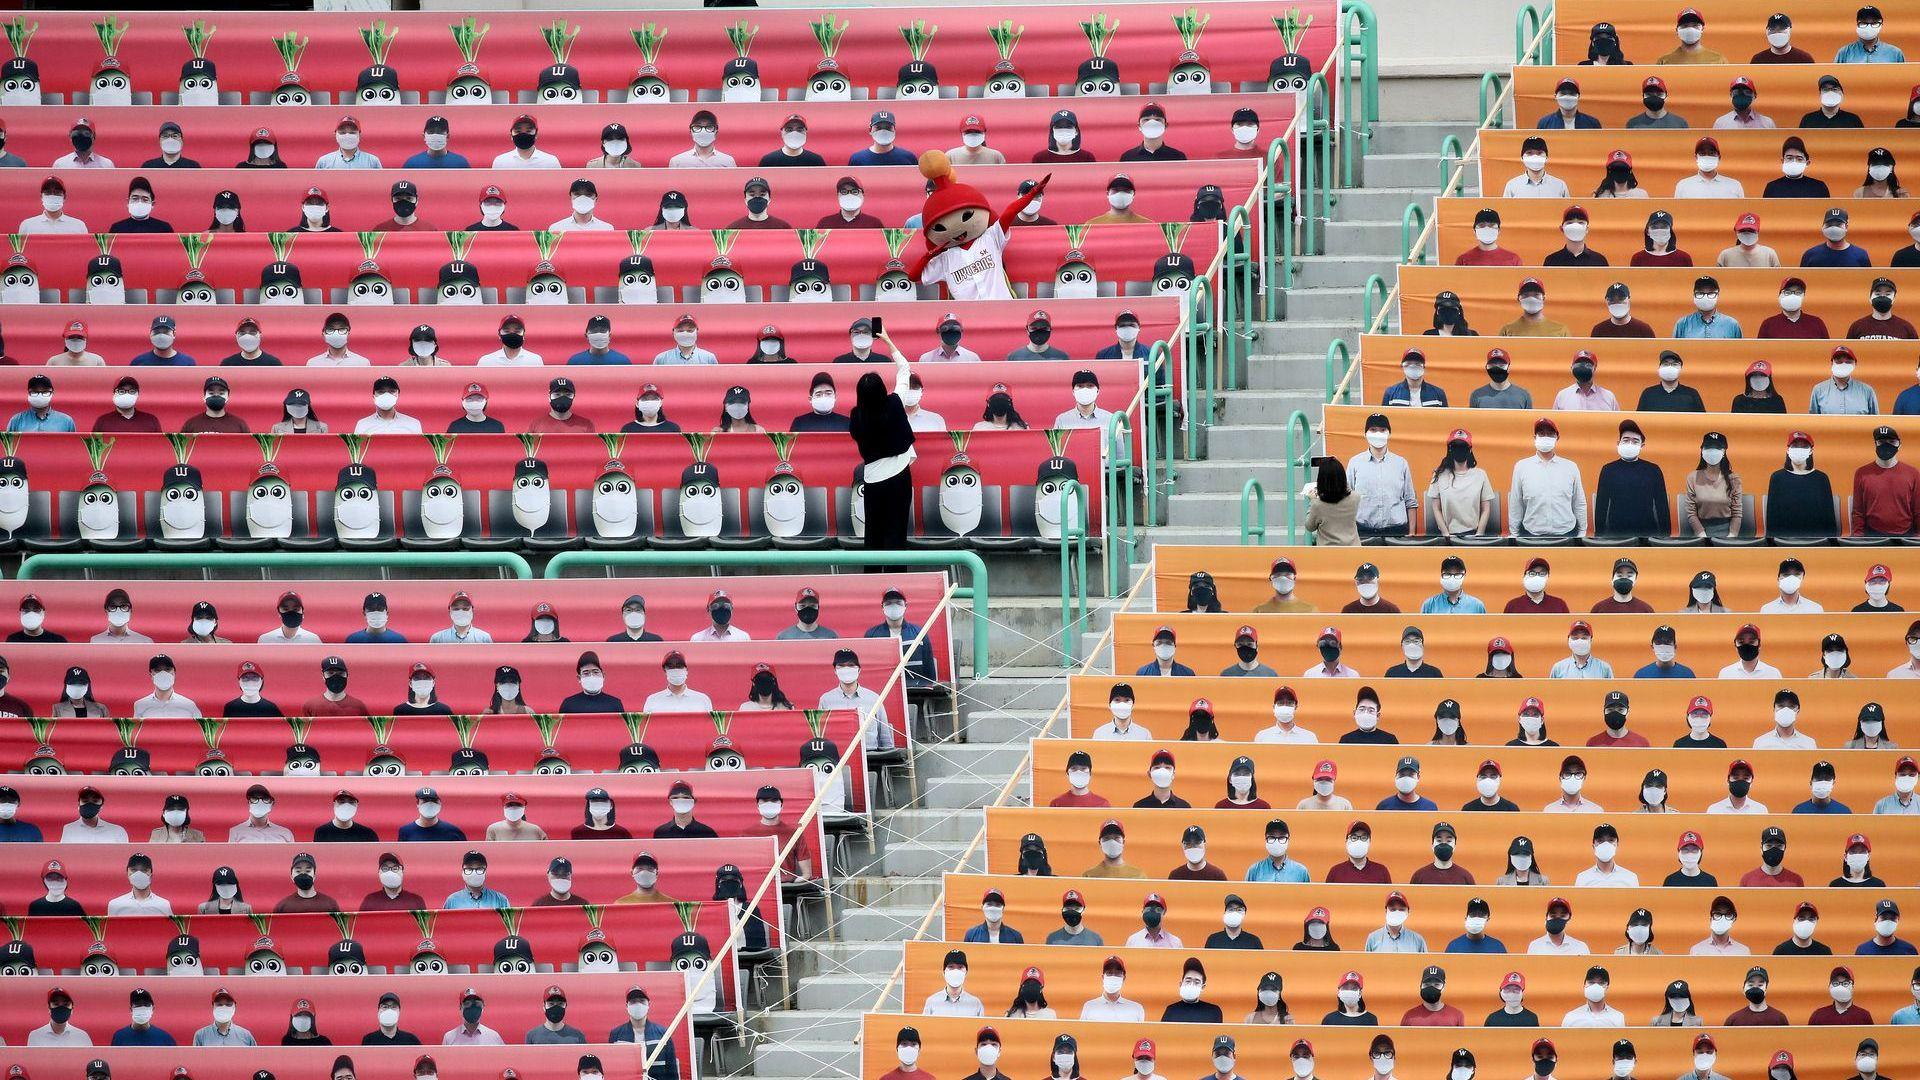 Южна Корея рестартира спорта пред огромен световен интерес и с нарисувани фенове